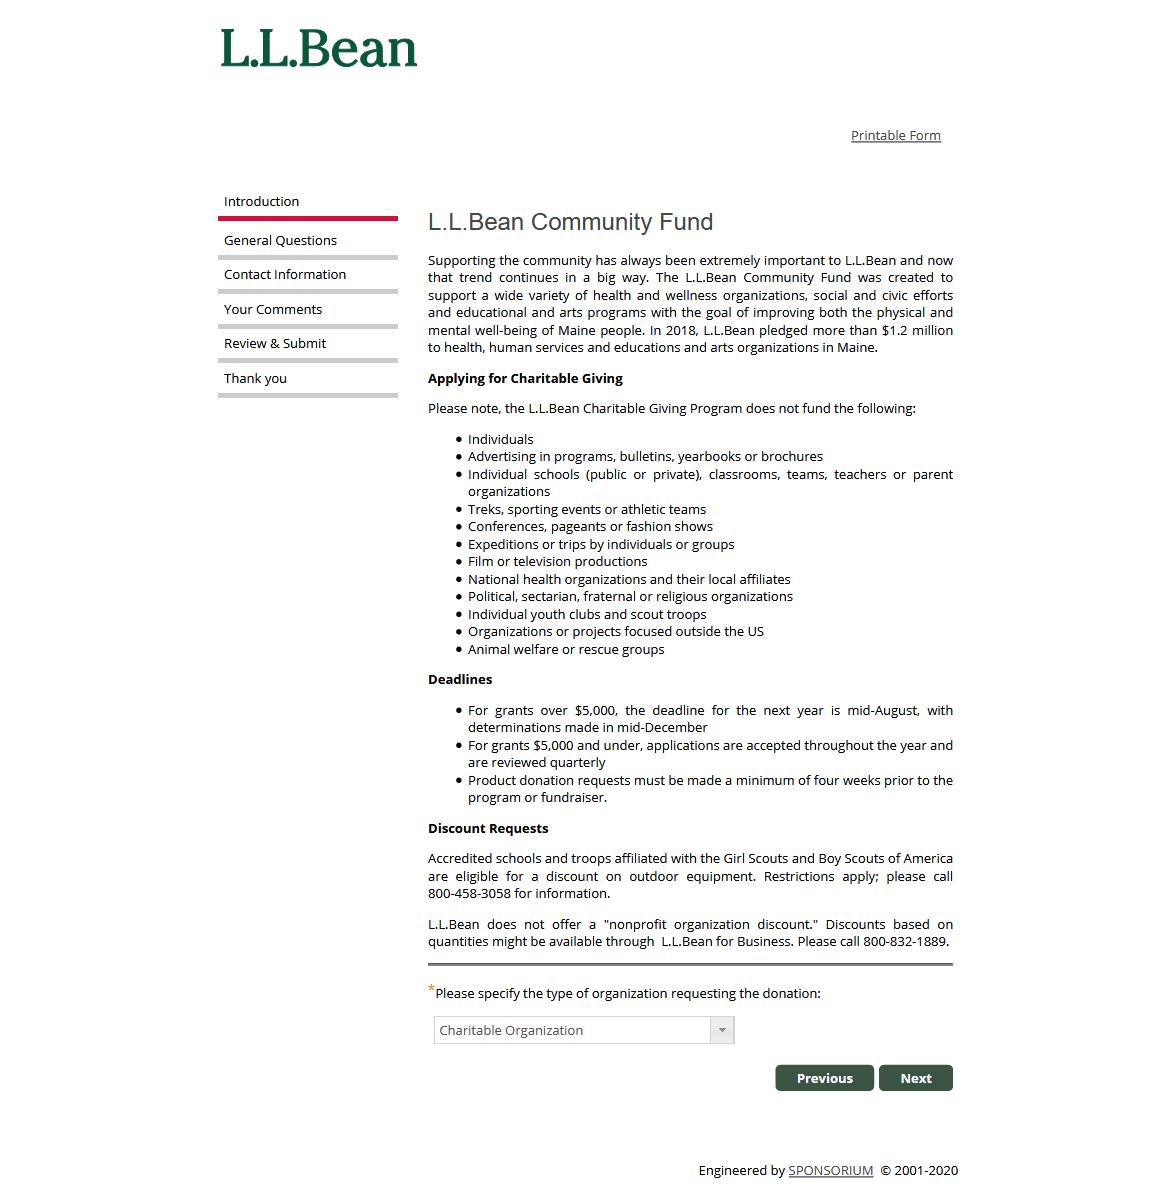 L.L.Bean Form Page - https://www.llbean.com/